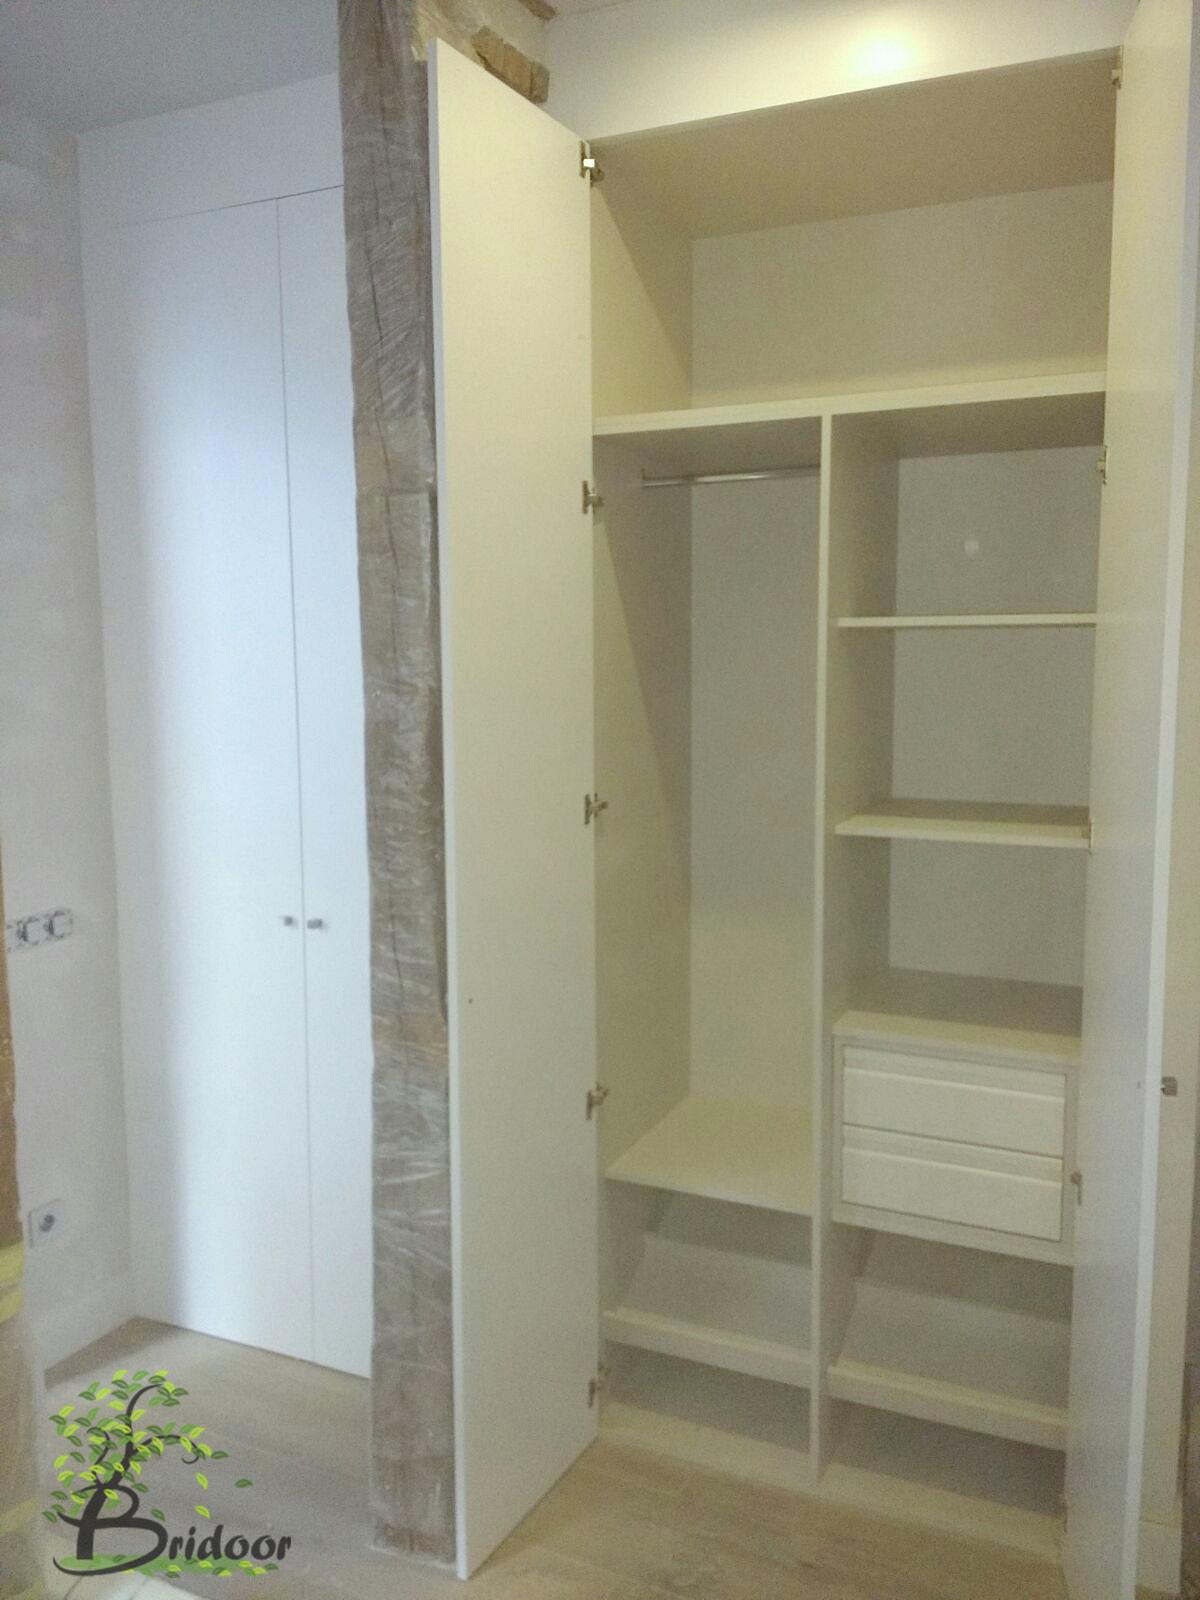 Bridoor s l vivienda lacada con puertas y armarios en c - Puertas y armarios ...